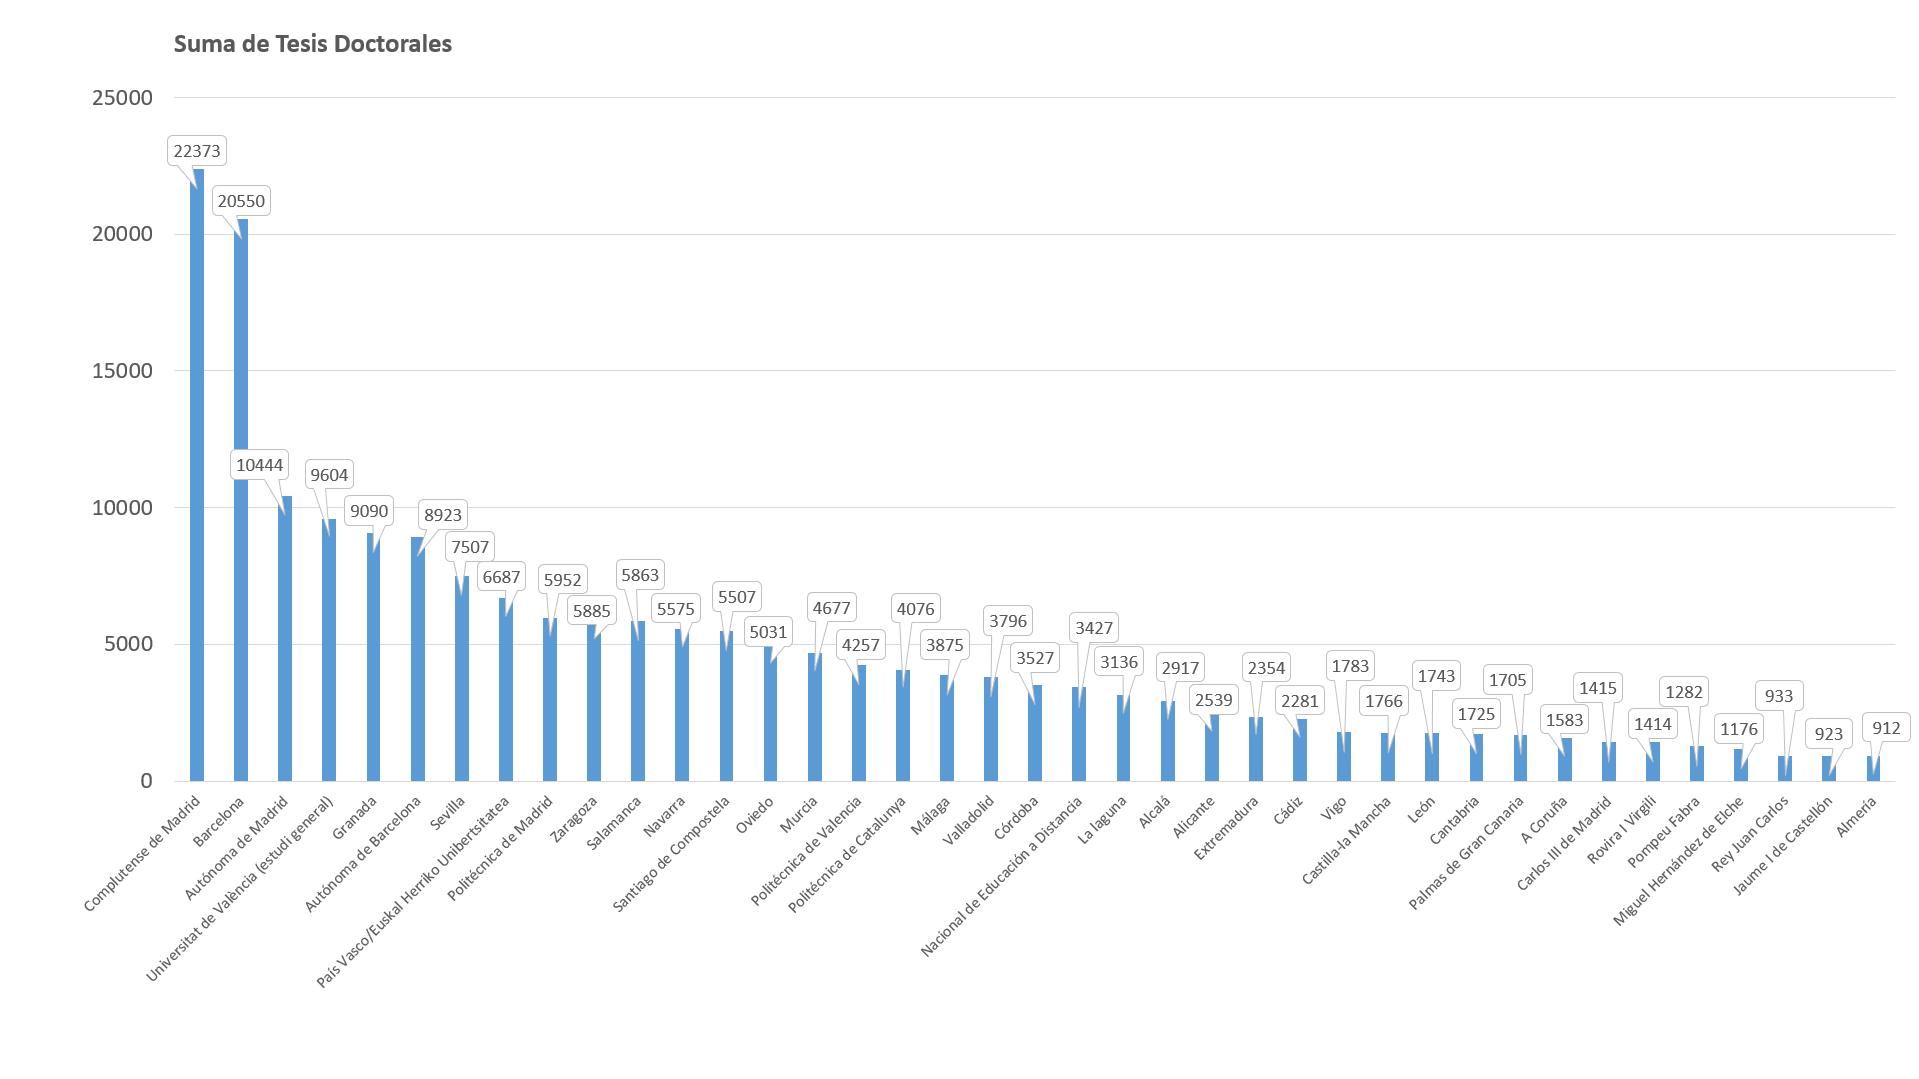 Fig.2. Universidades con más Tesis Doctorales